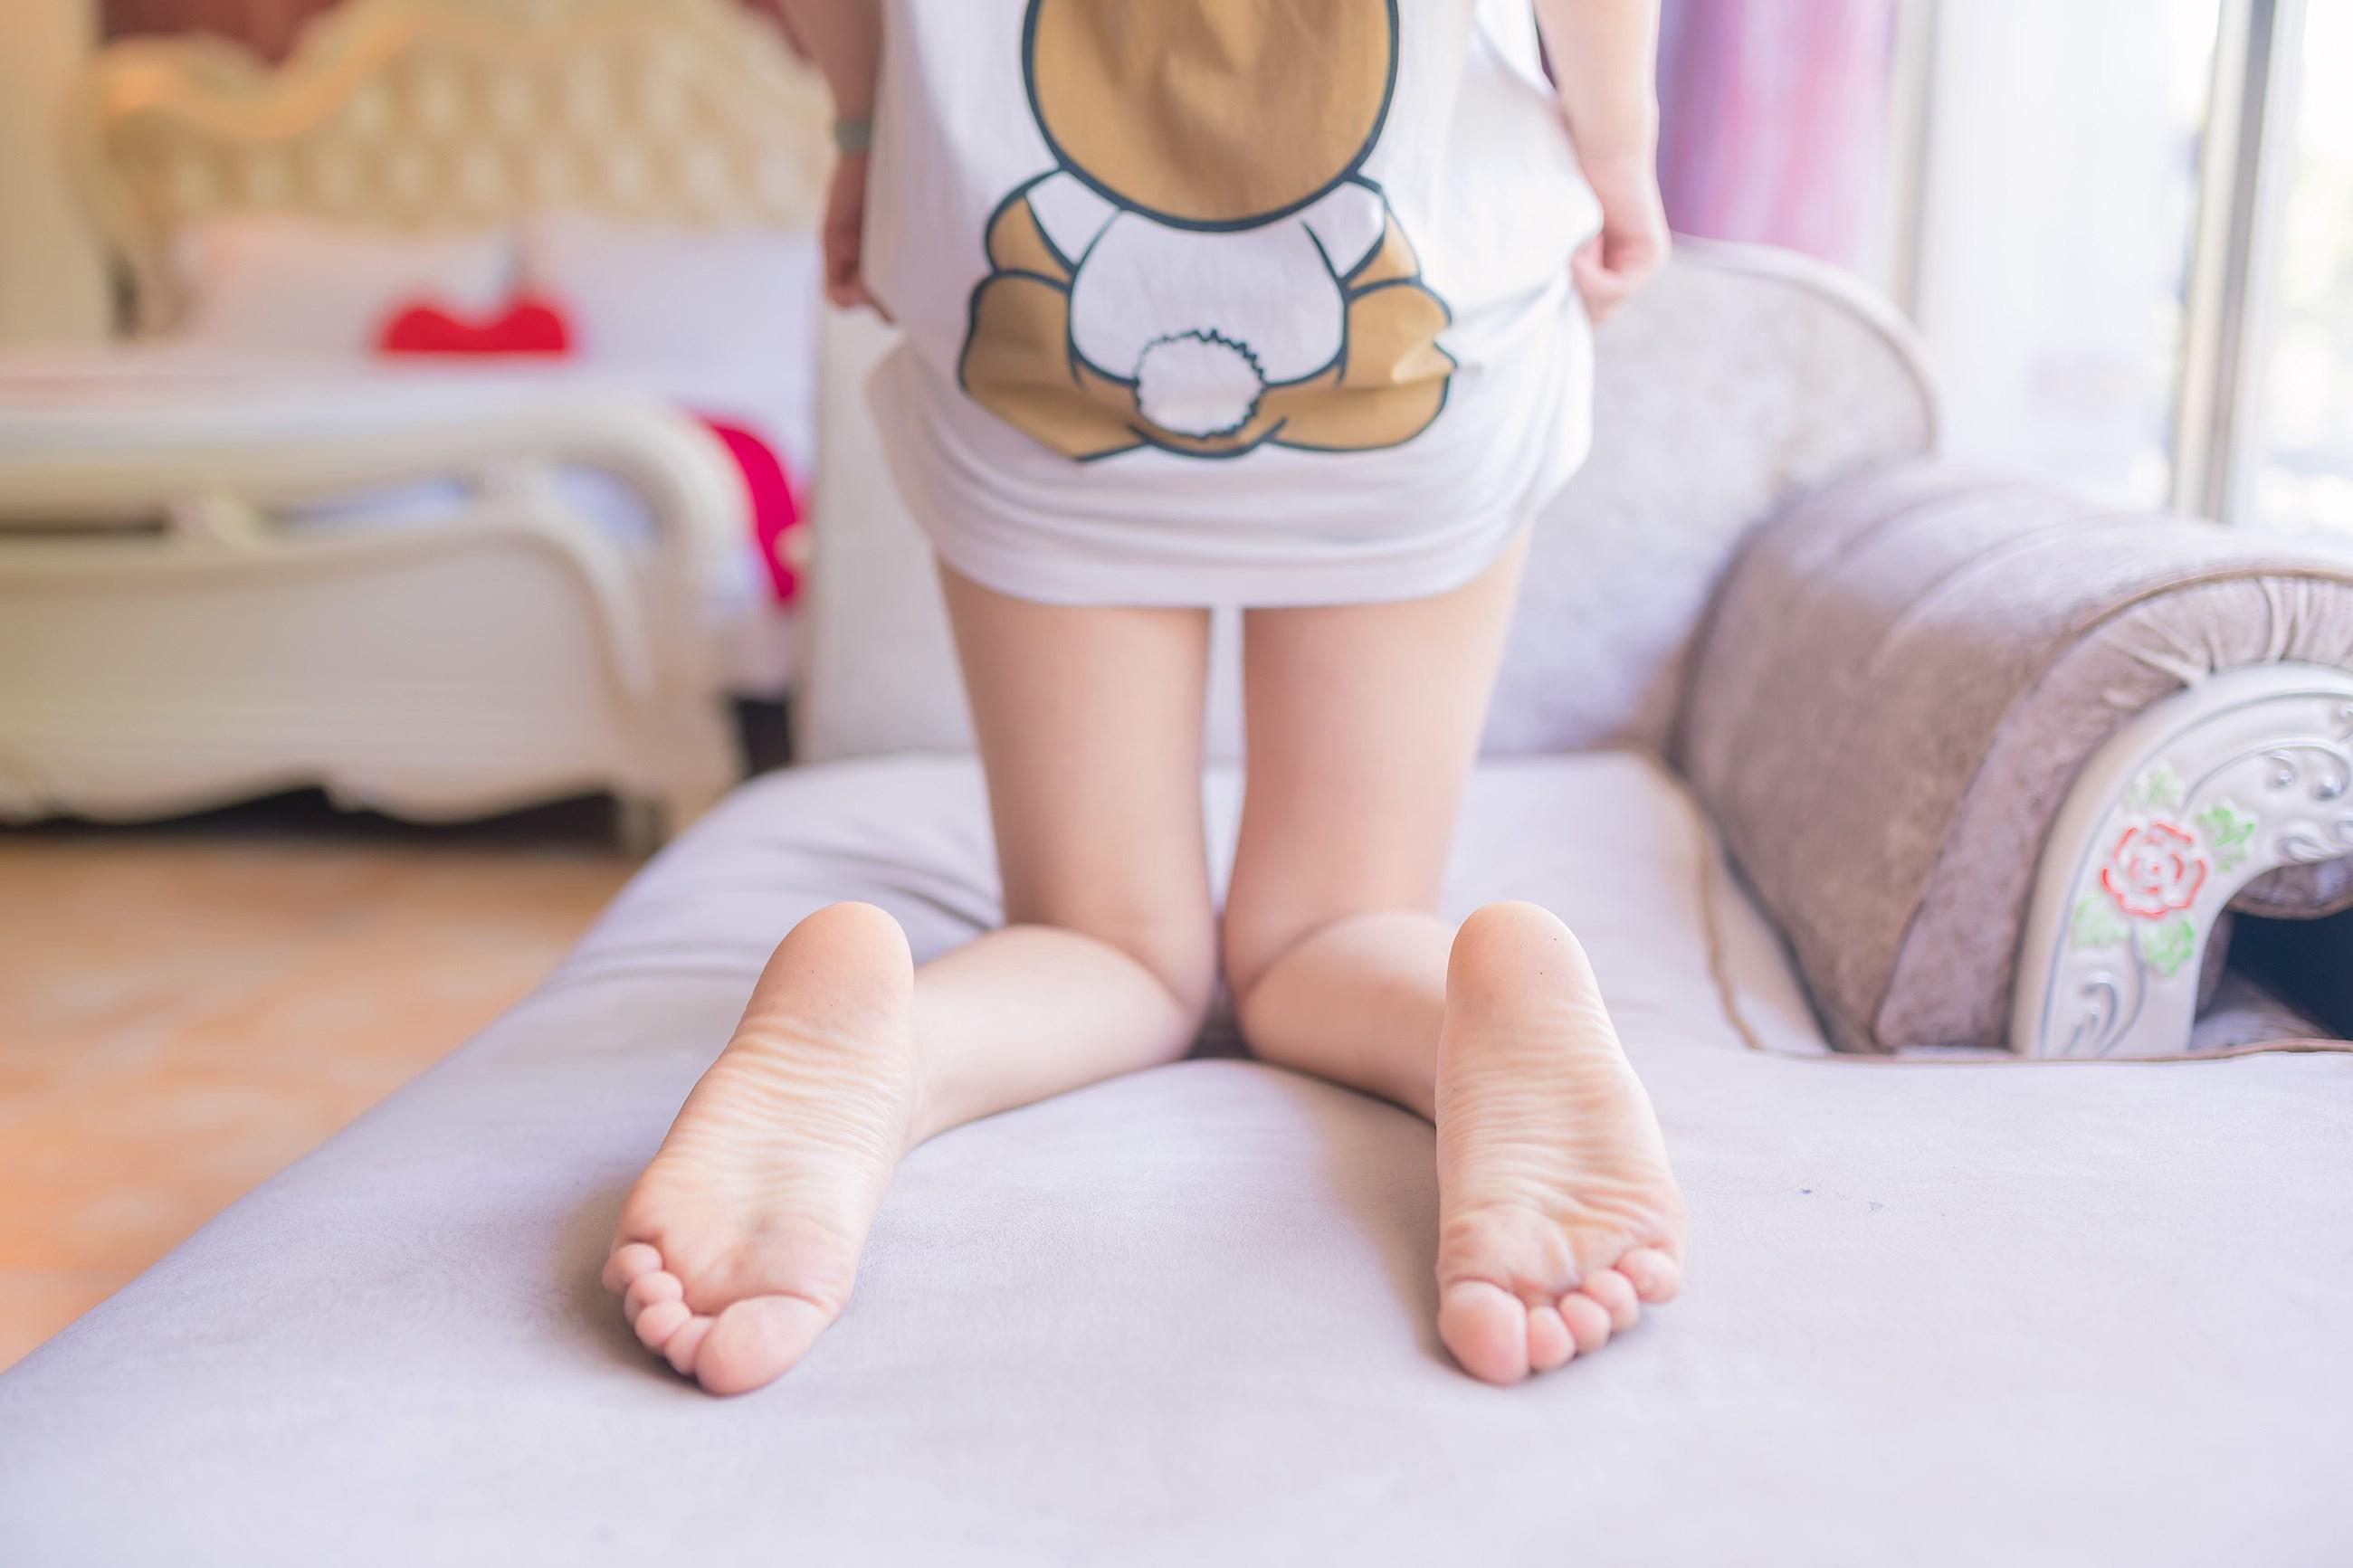 【兔玩映画】小熊睡衣 兔玩映画 第34张